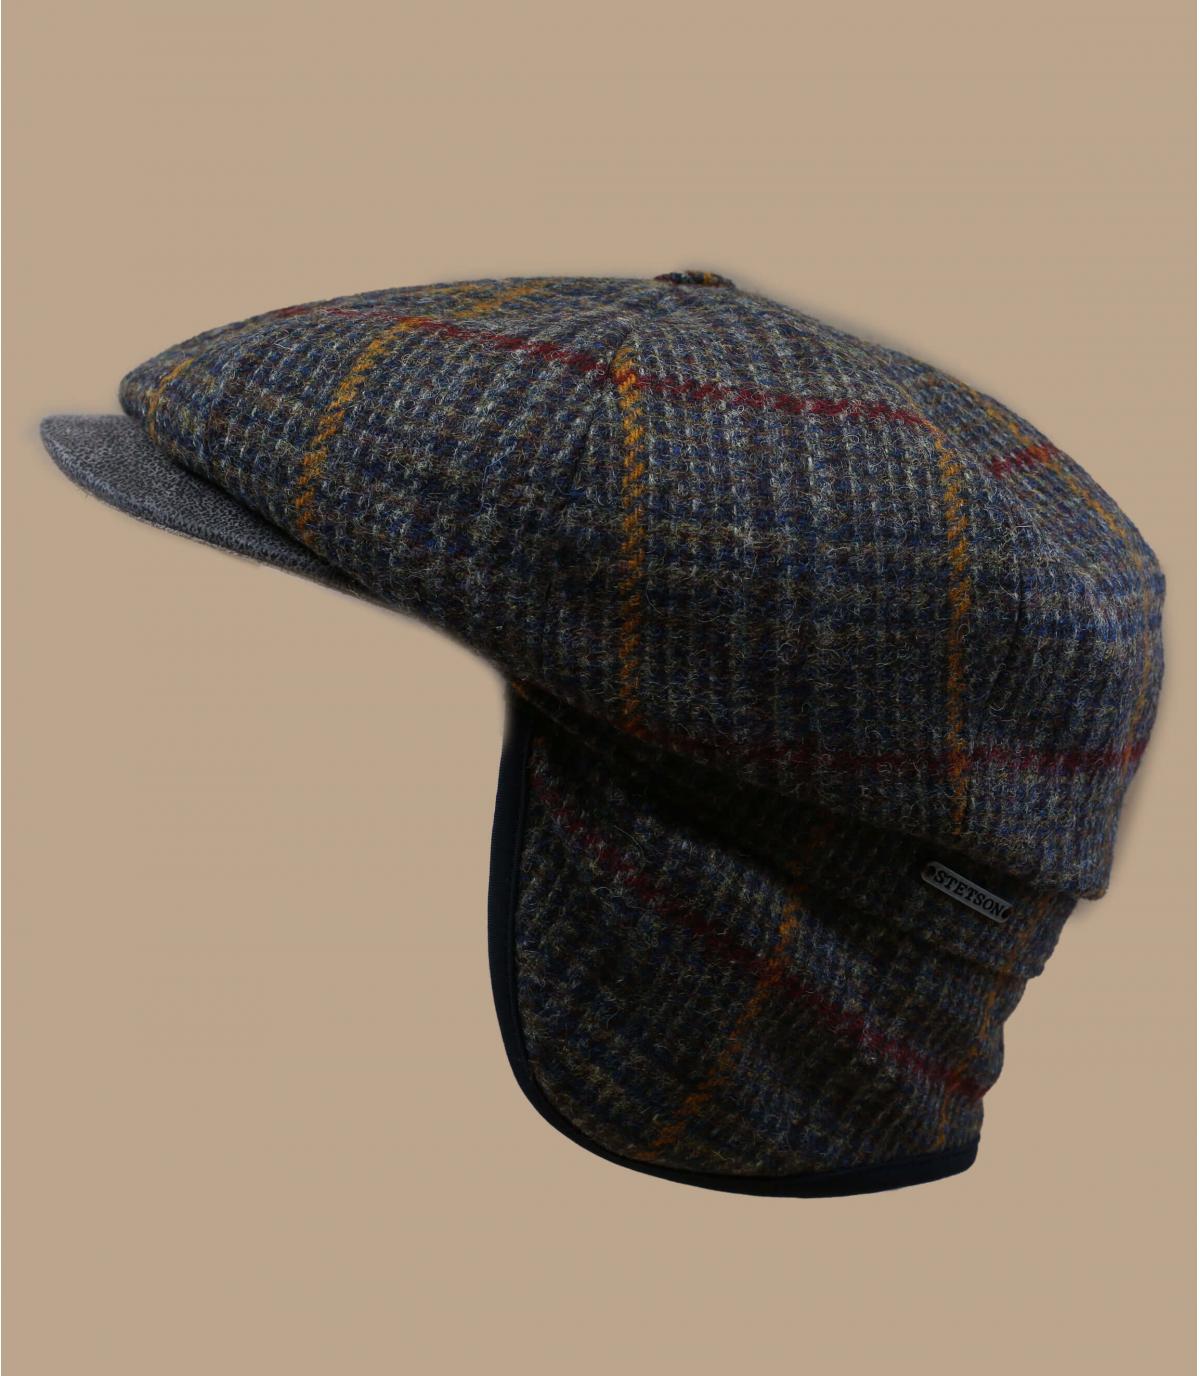 Details Hatteras EF Wool olive brown check - afbeeling 2